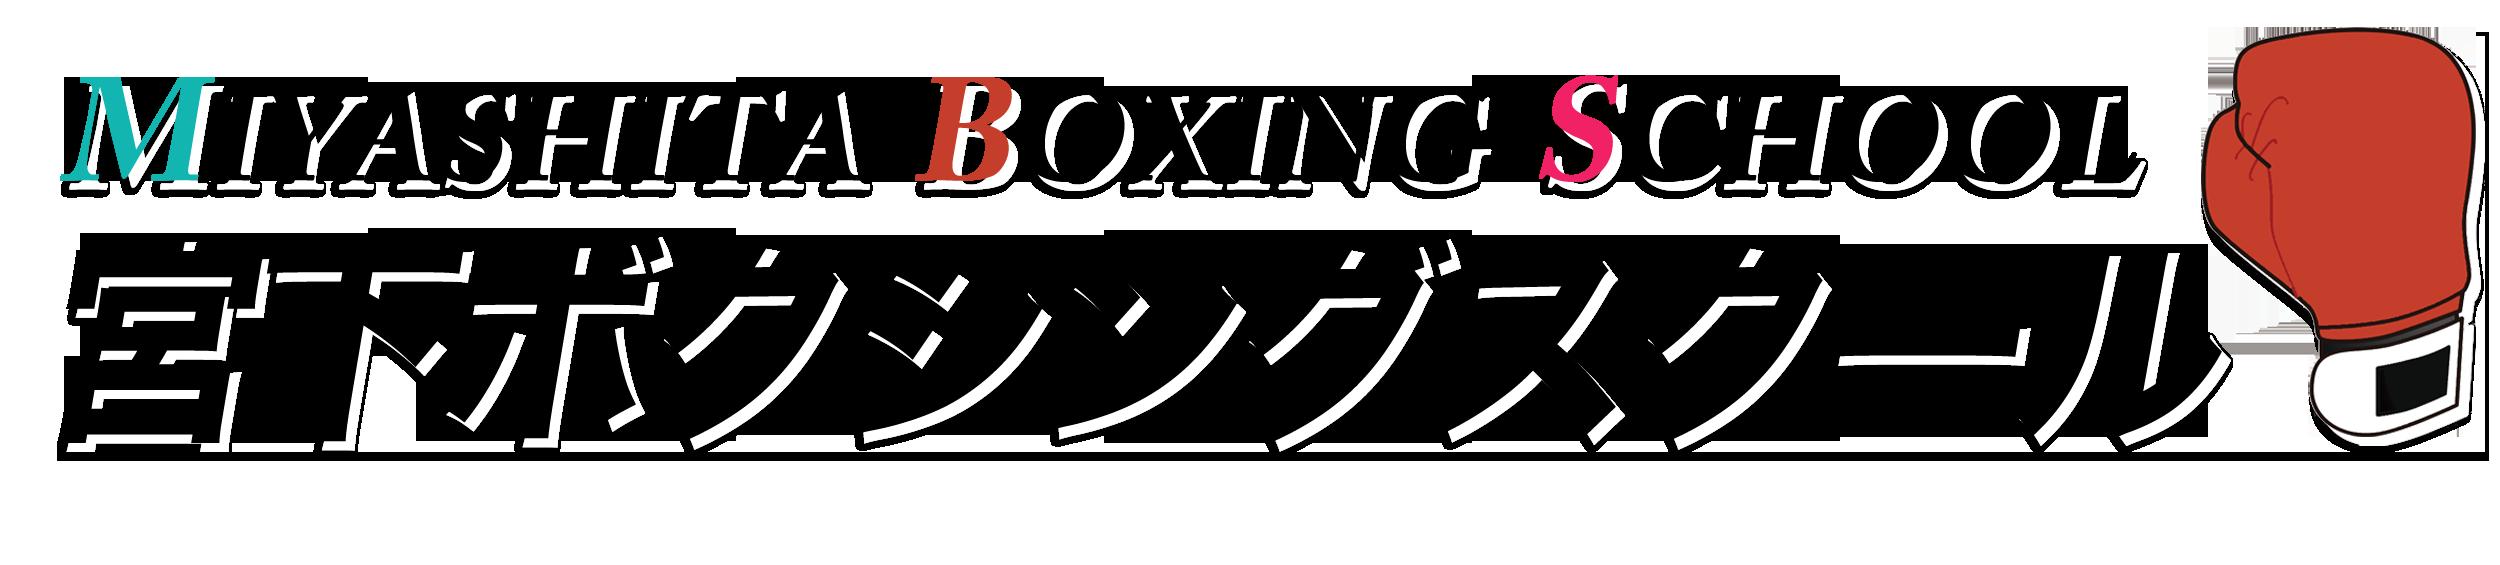 宮下ボクシングスクール